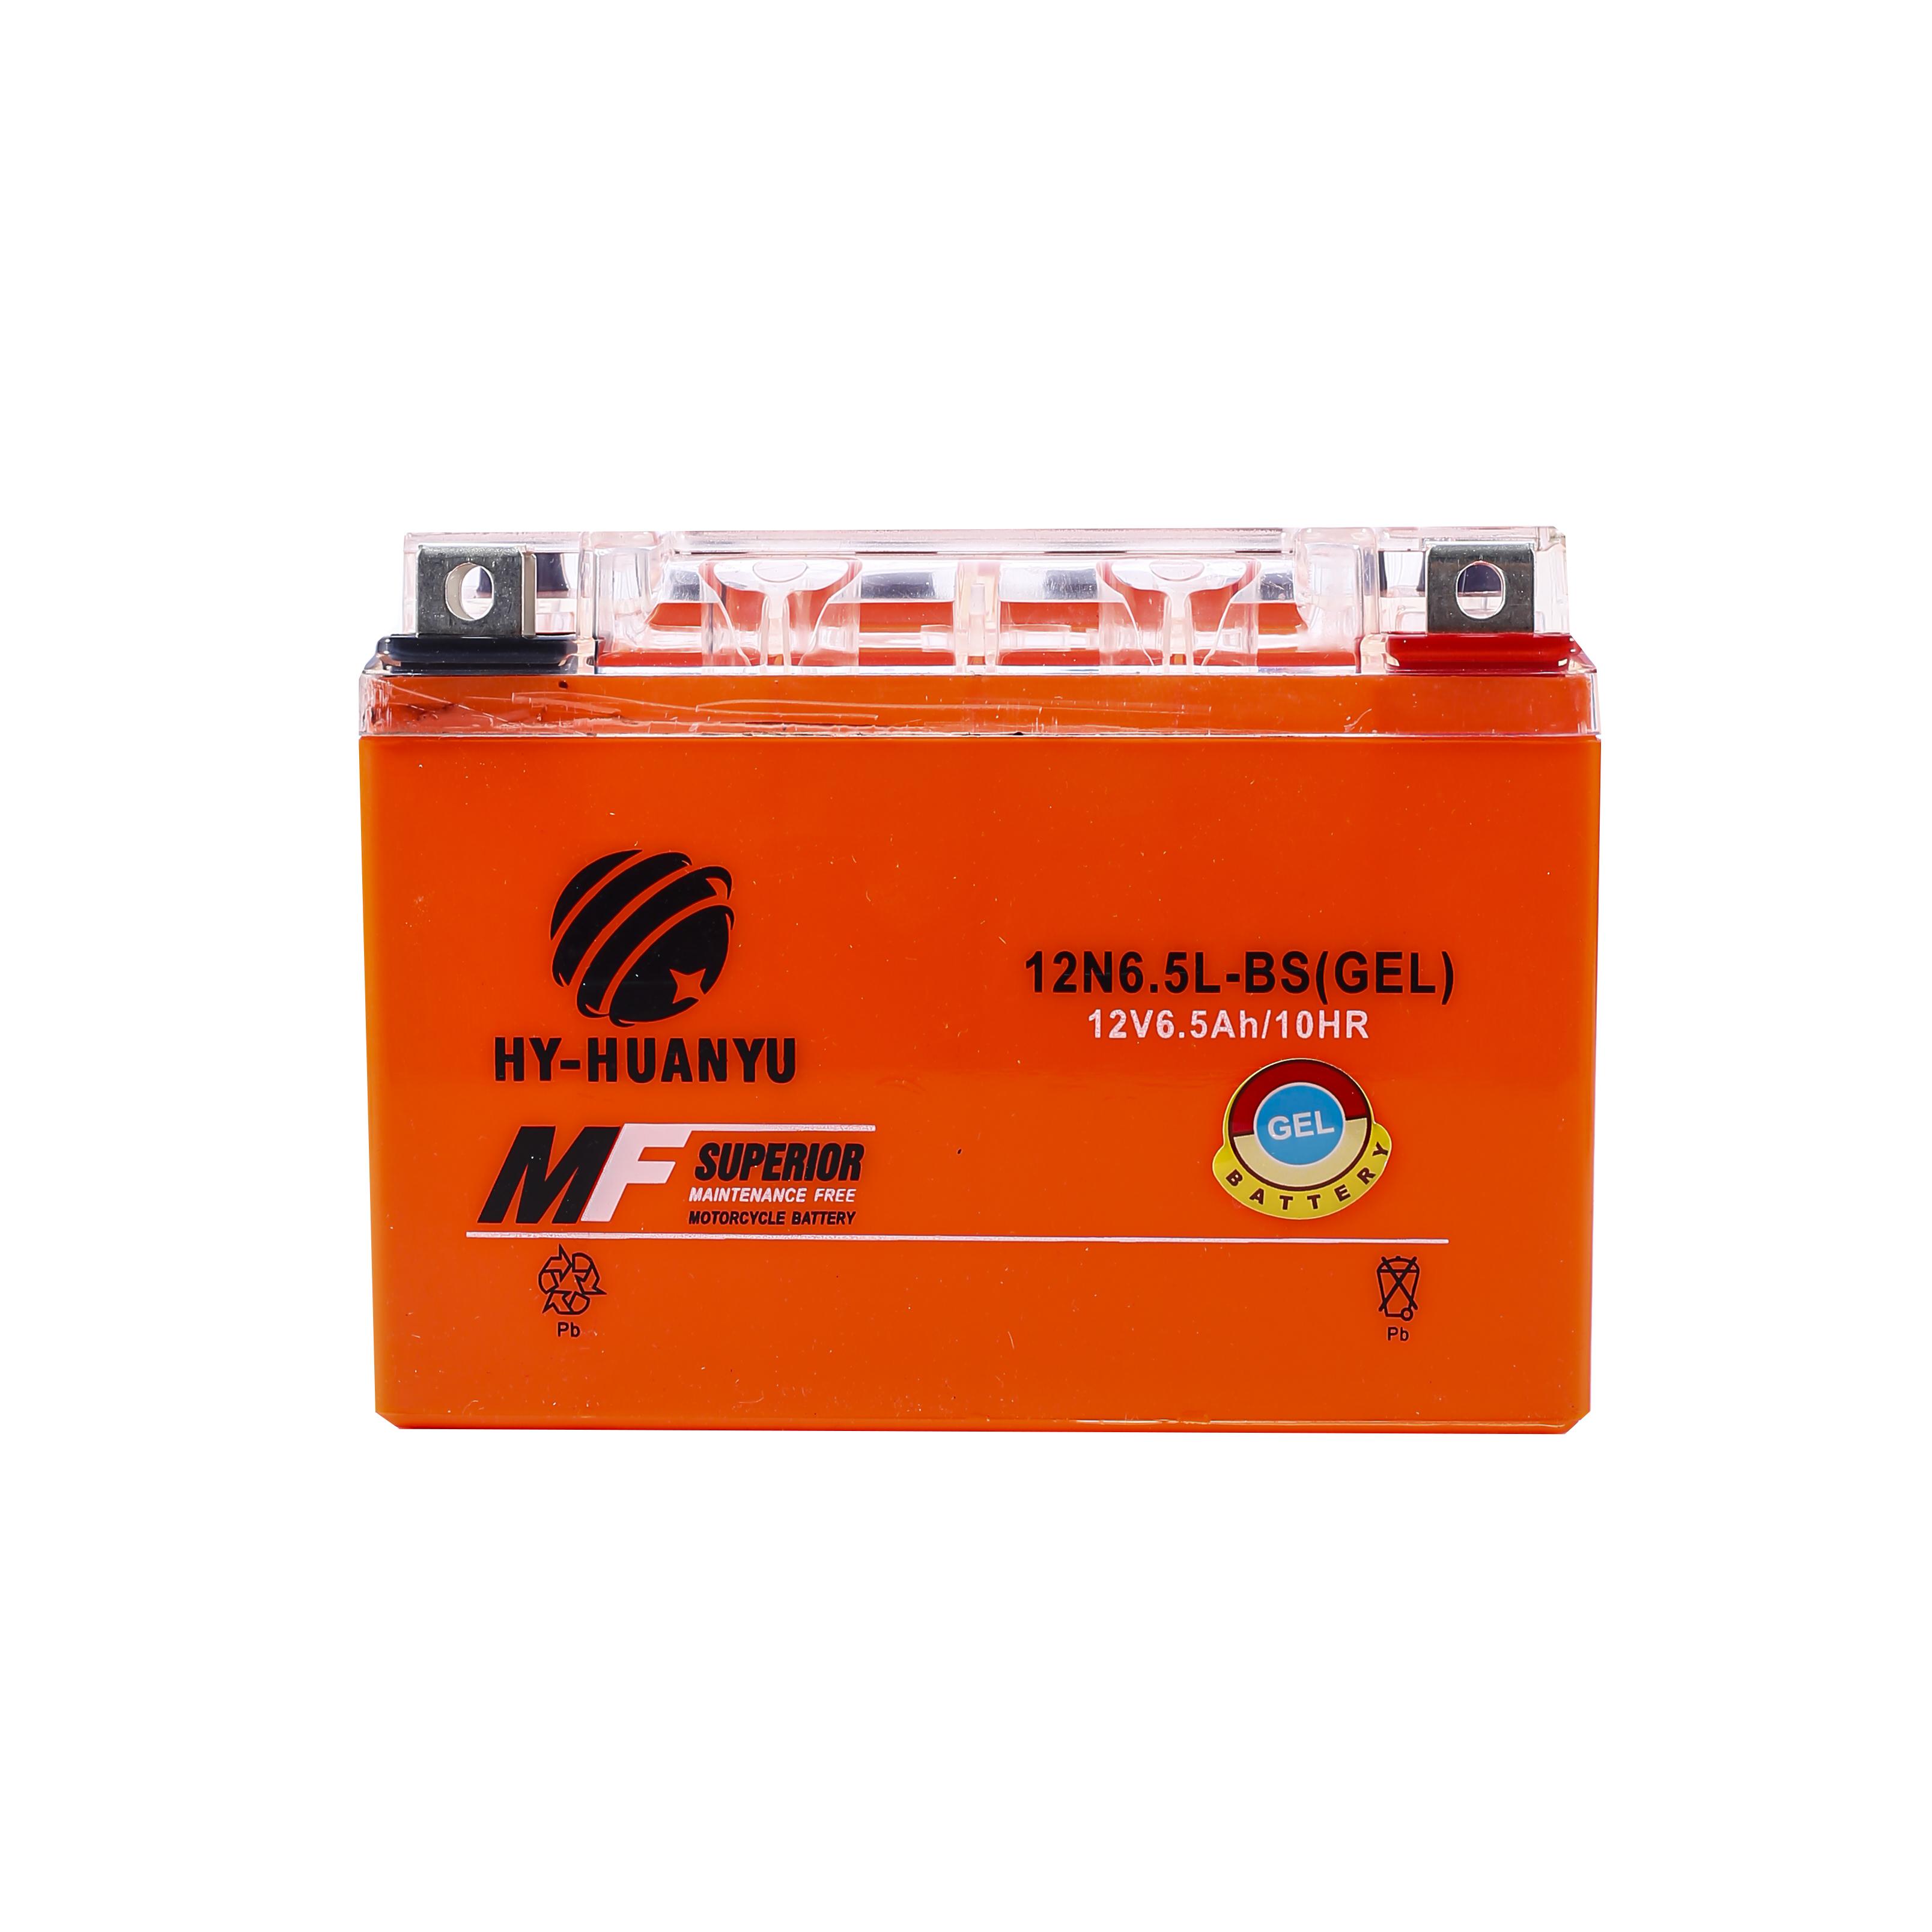 摩托车胶体蓄电池12N6.5L-BS